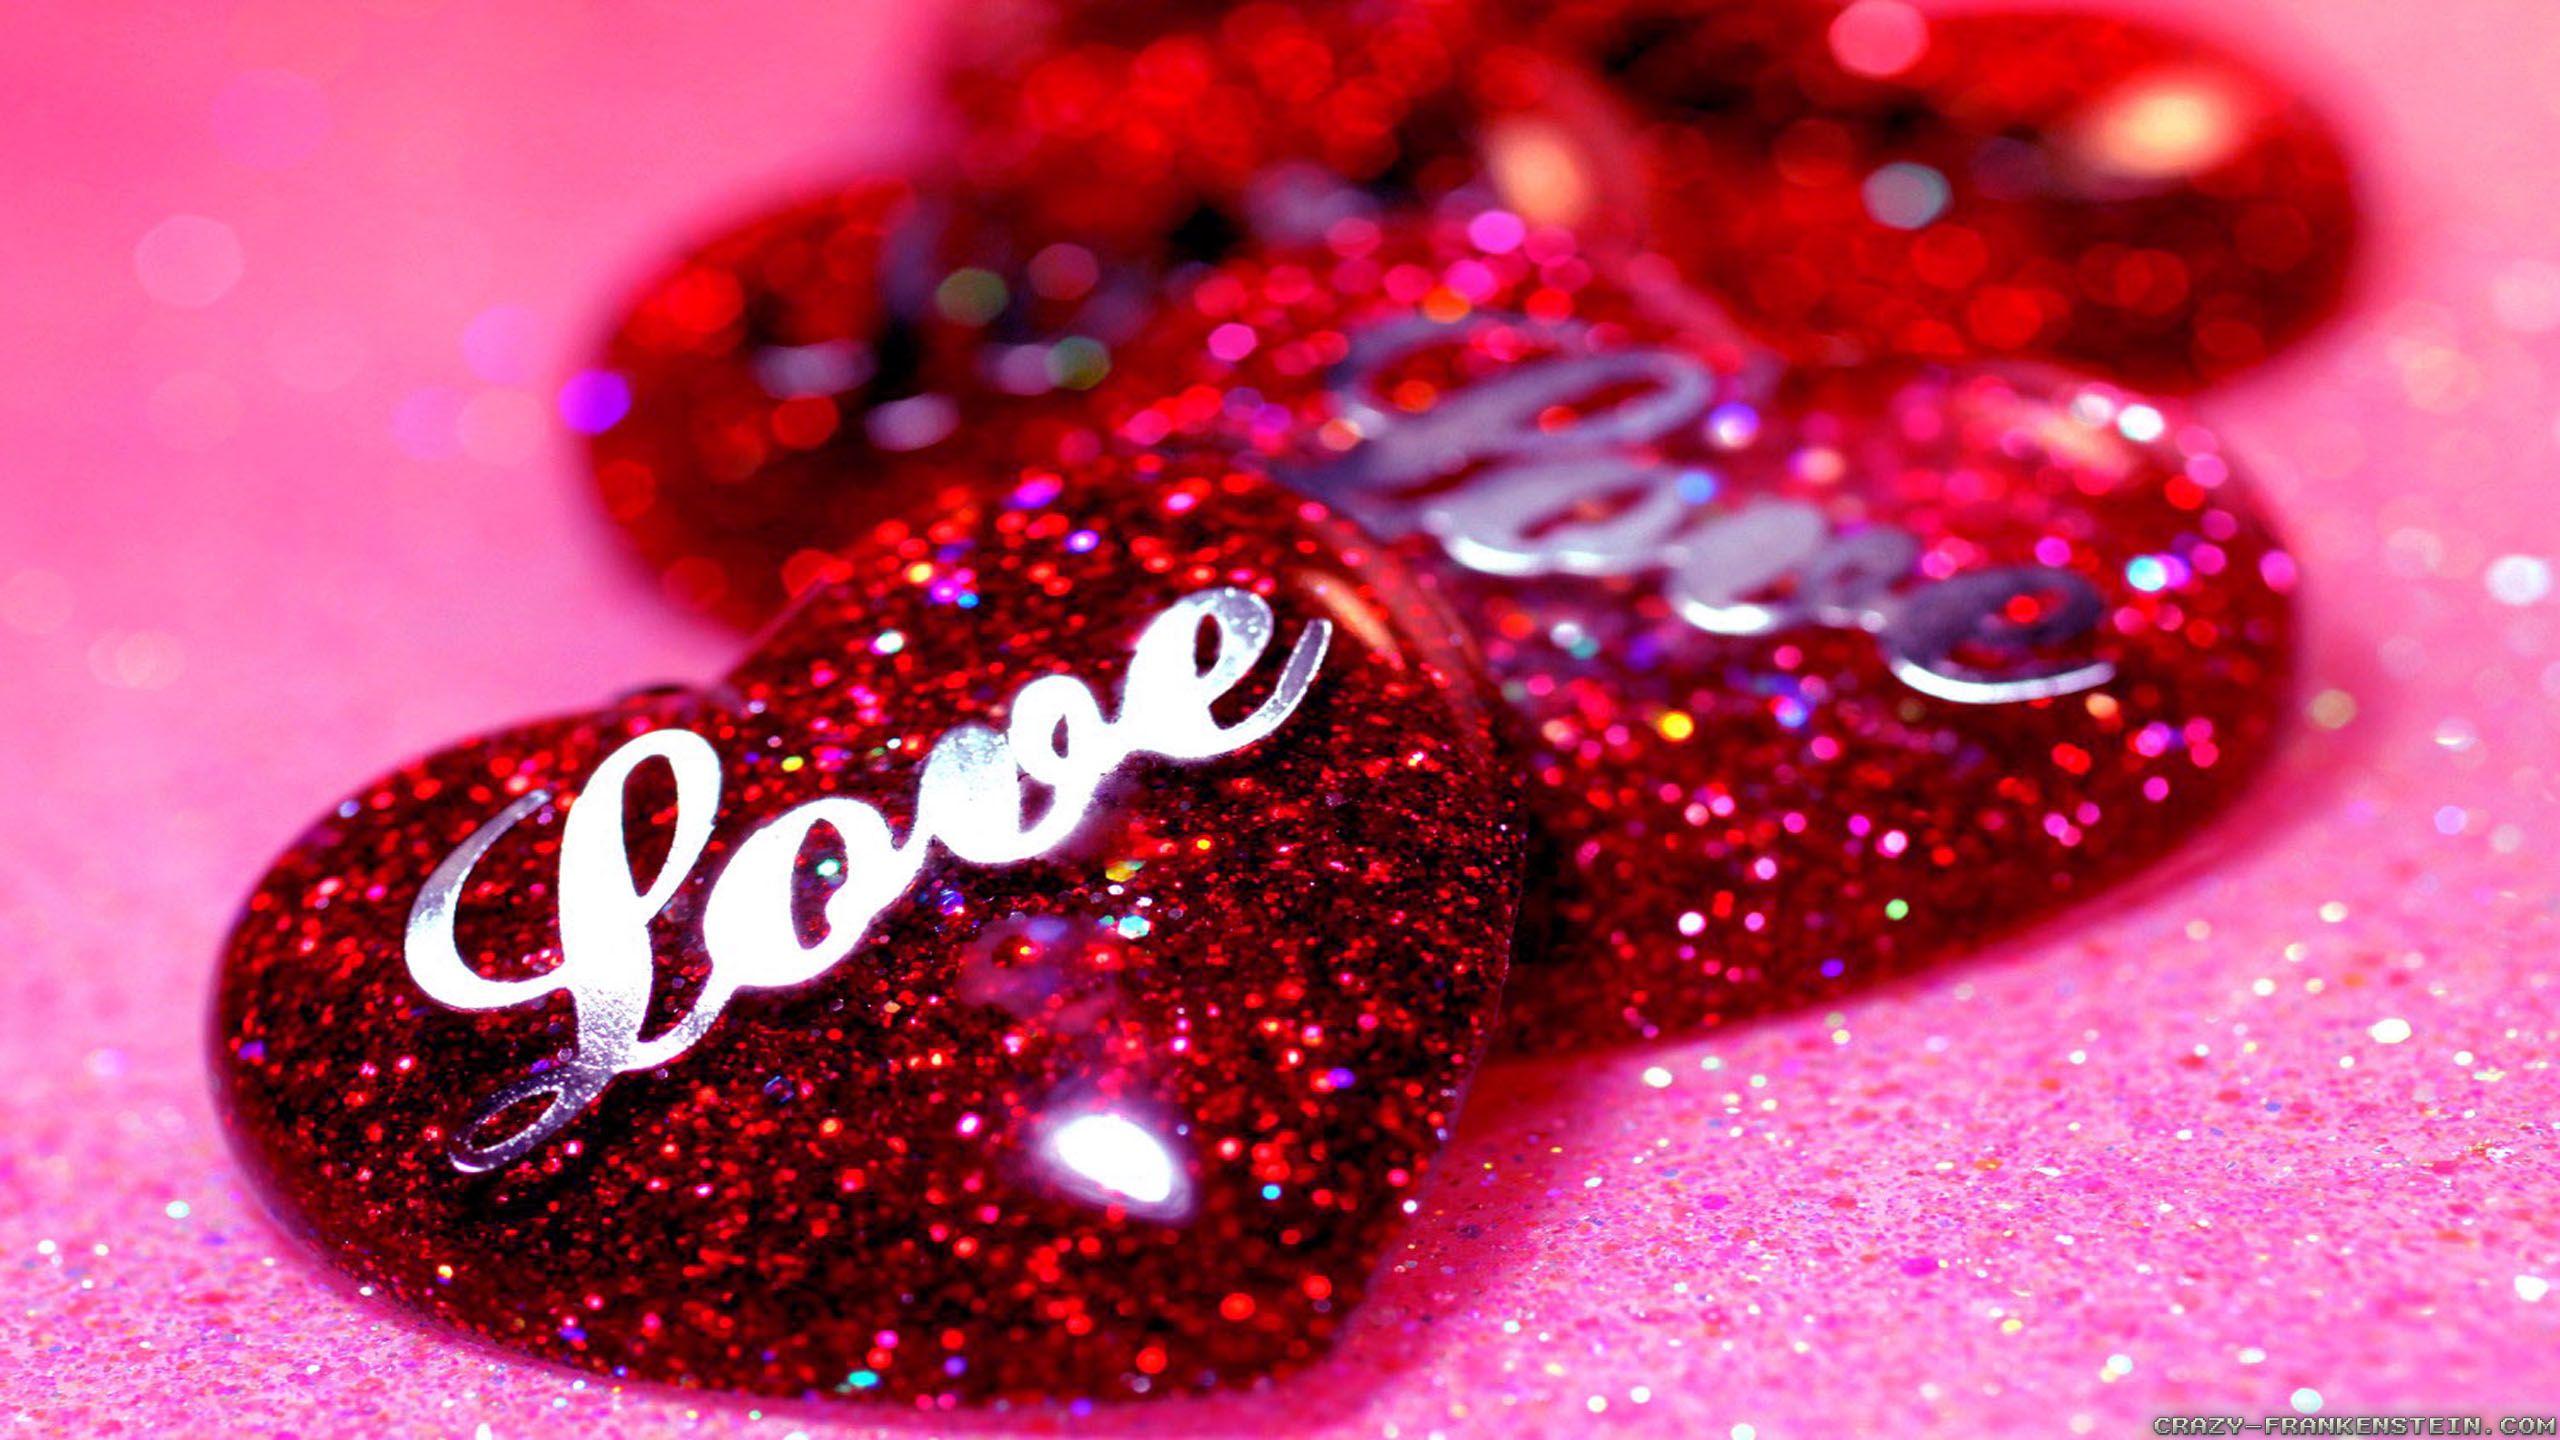 14 143407 glitter love wallpaper 25601440 high definition wallpaper 3d